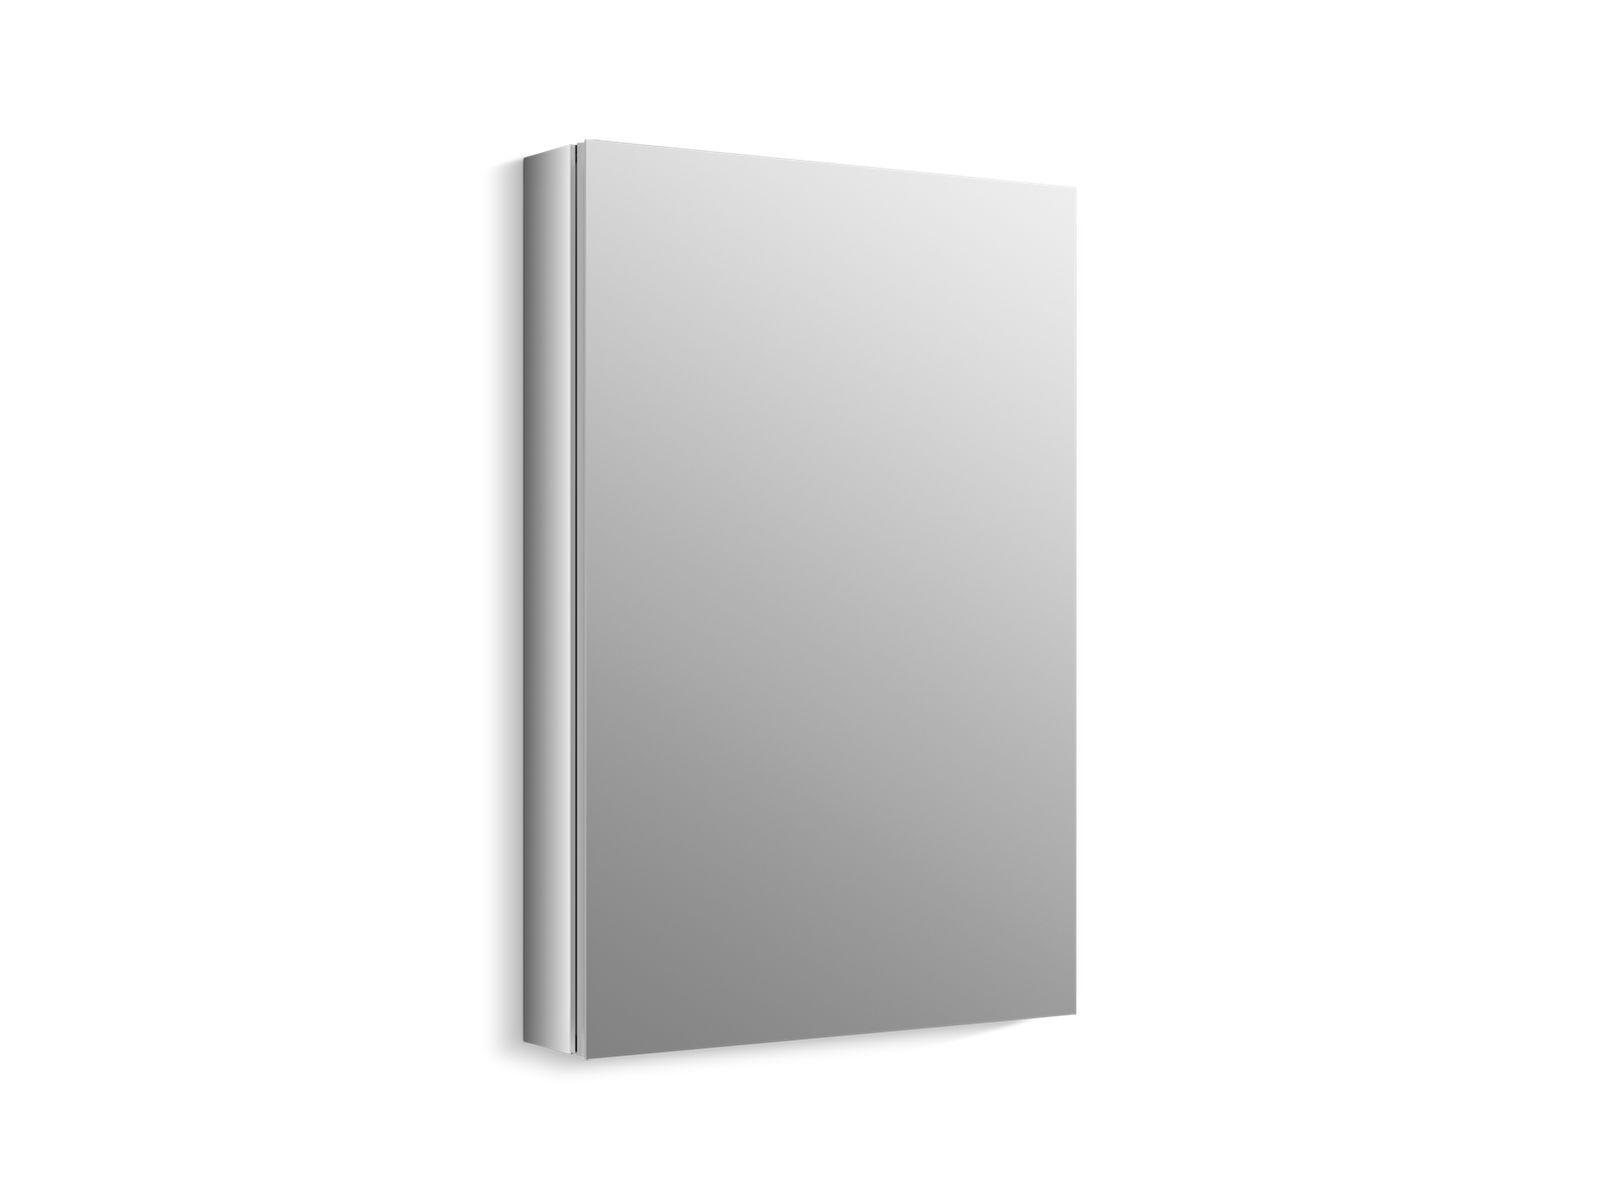 K 99002 | Verdera Medicine Cabinet With Mirrored Door | KOHLER